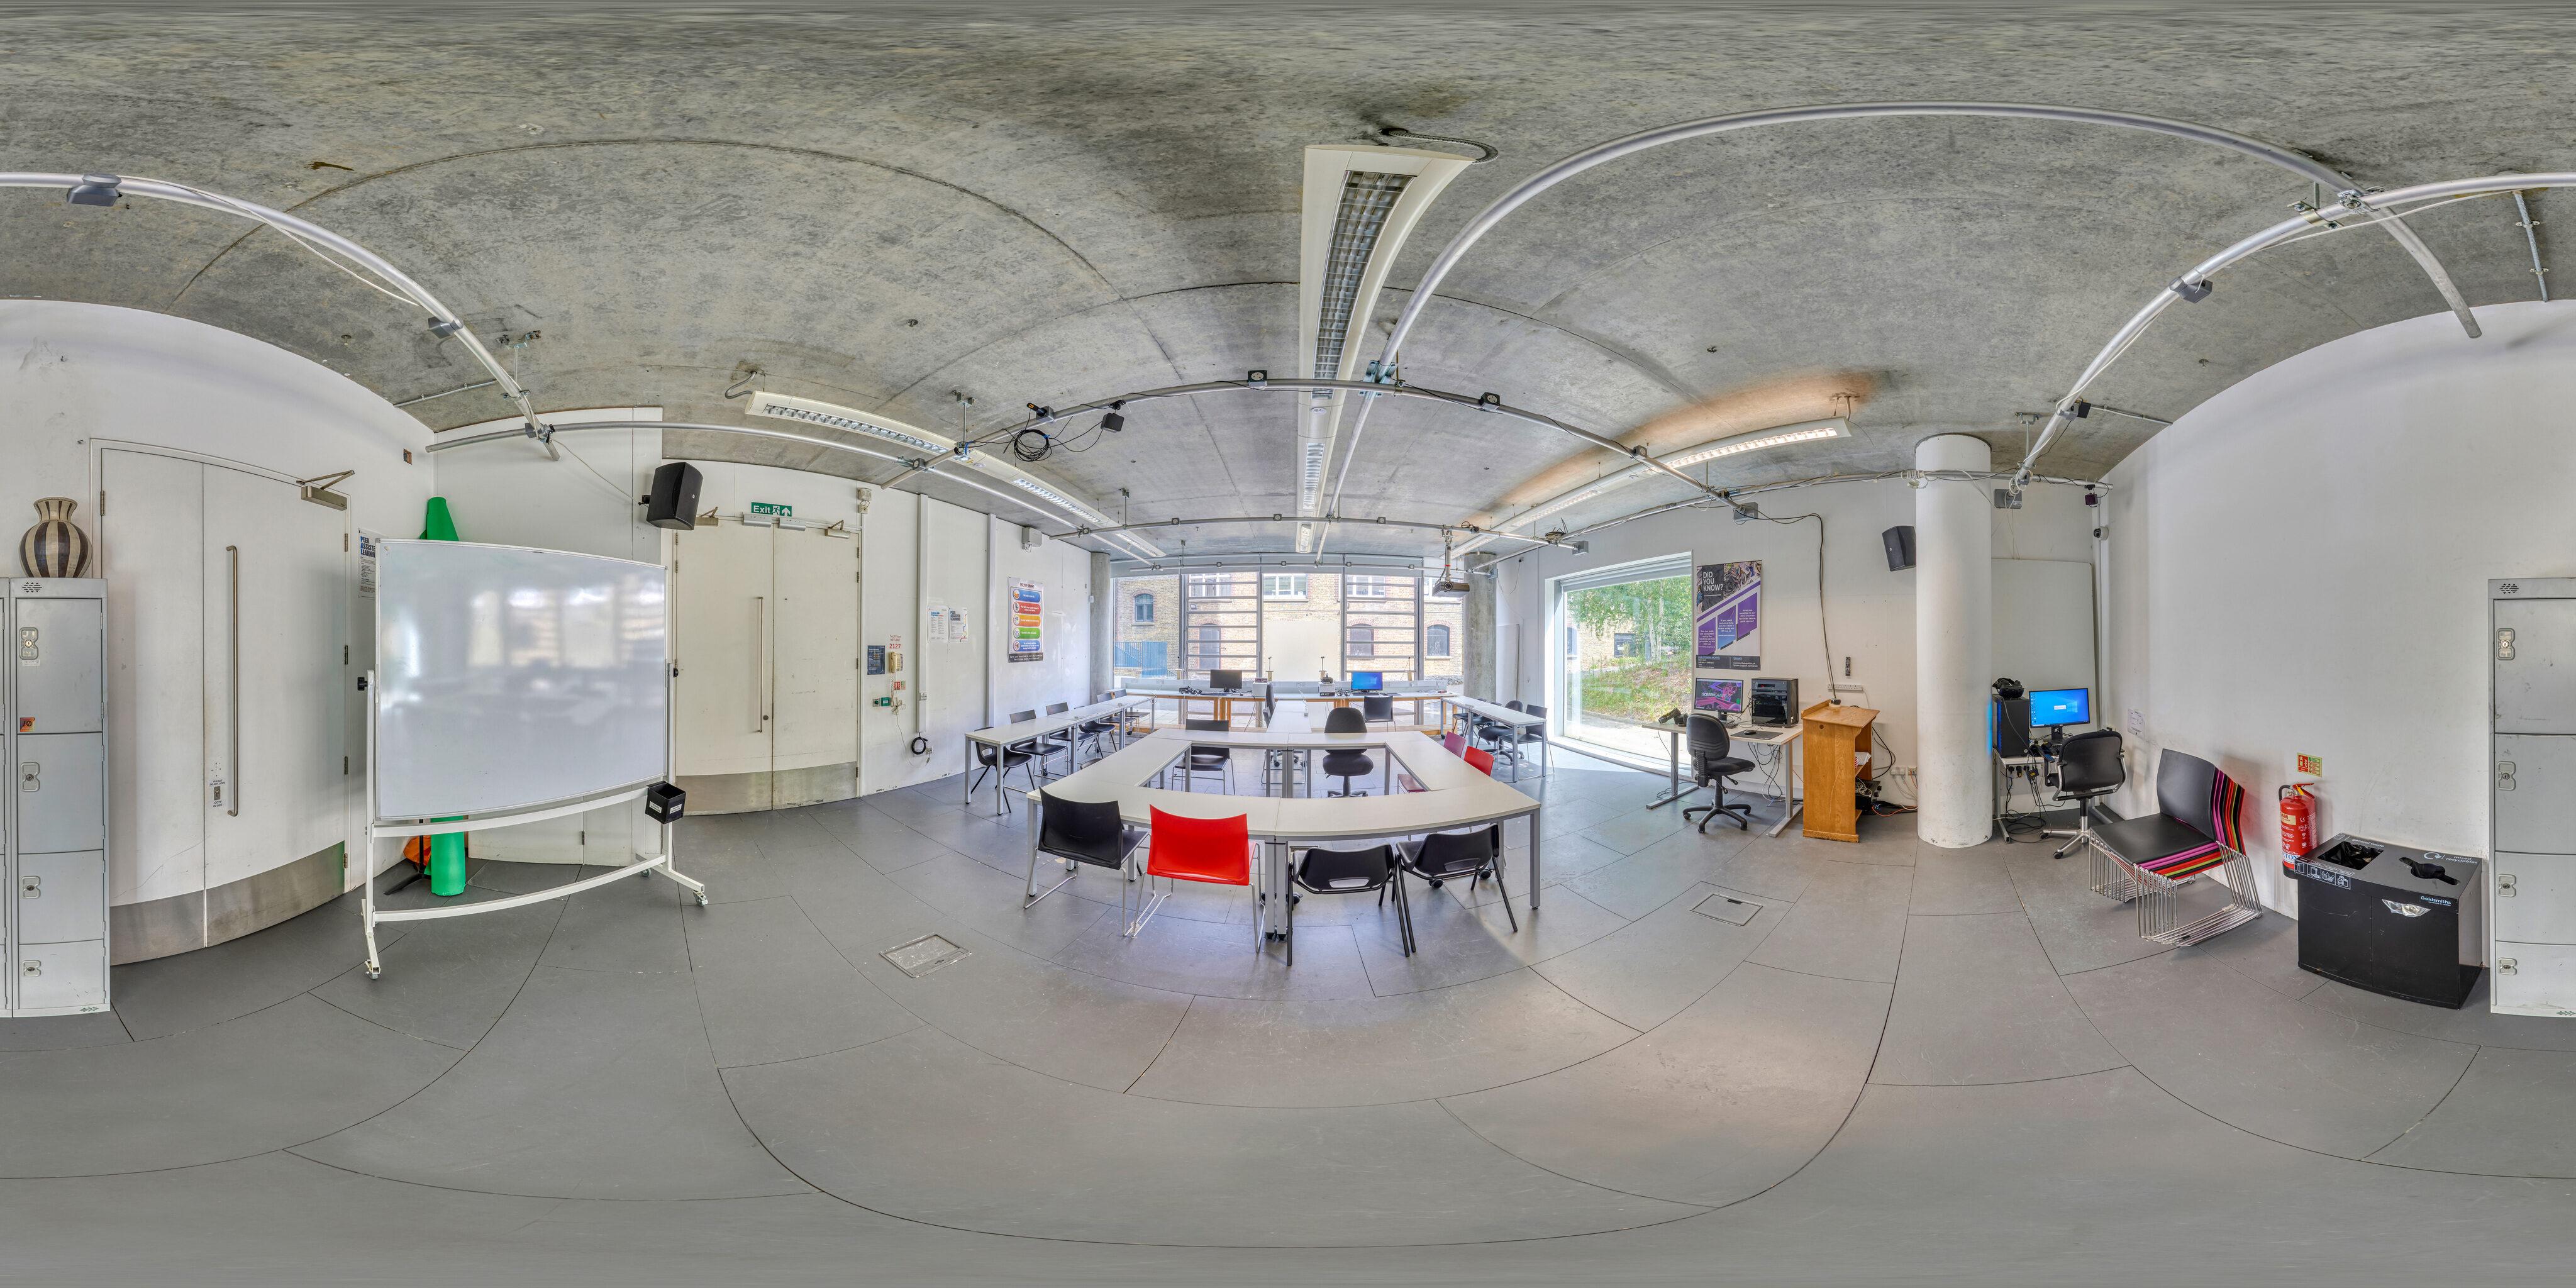 360 of Goldsmiths Digital Studio